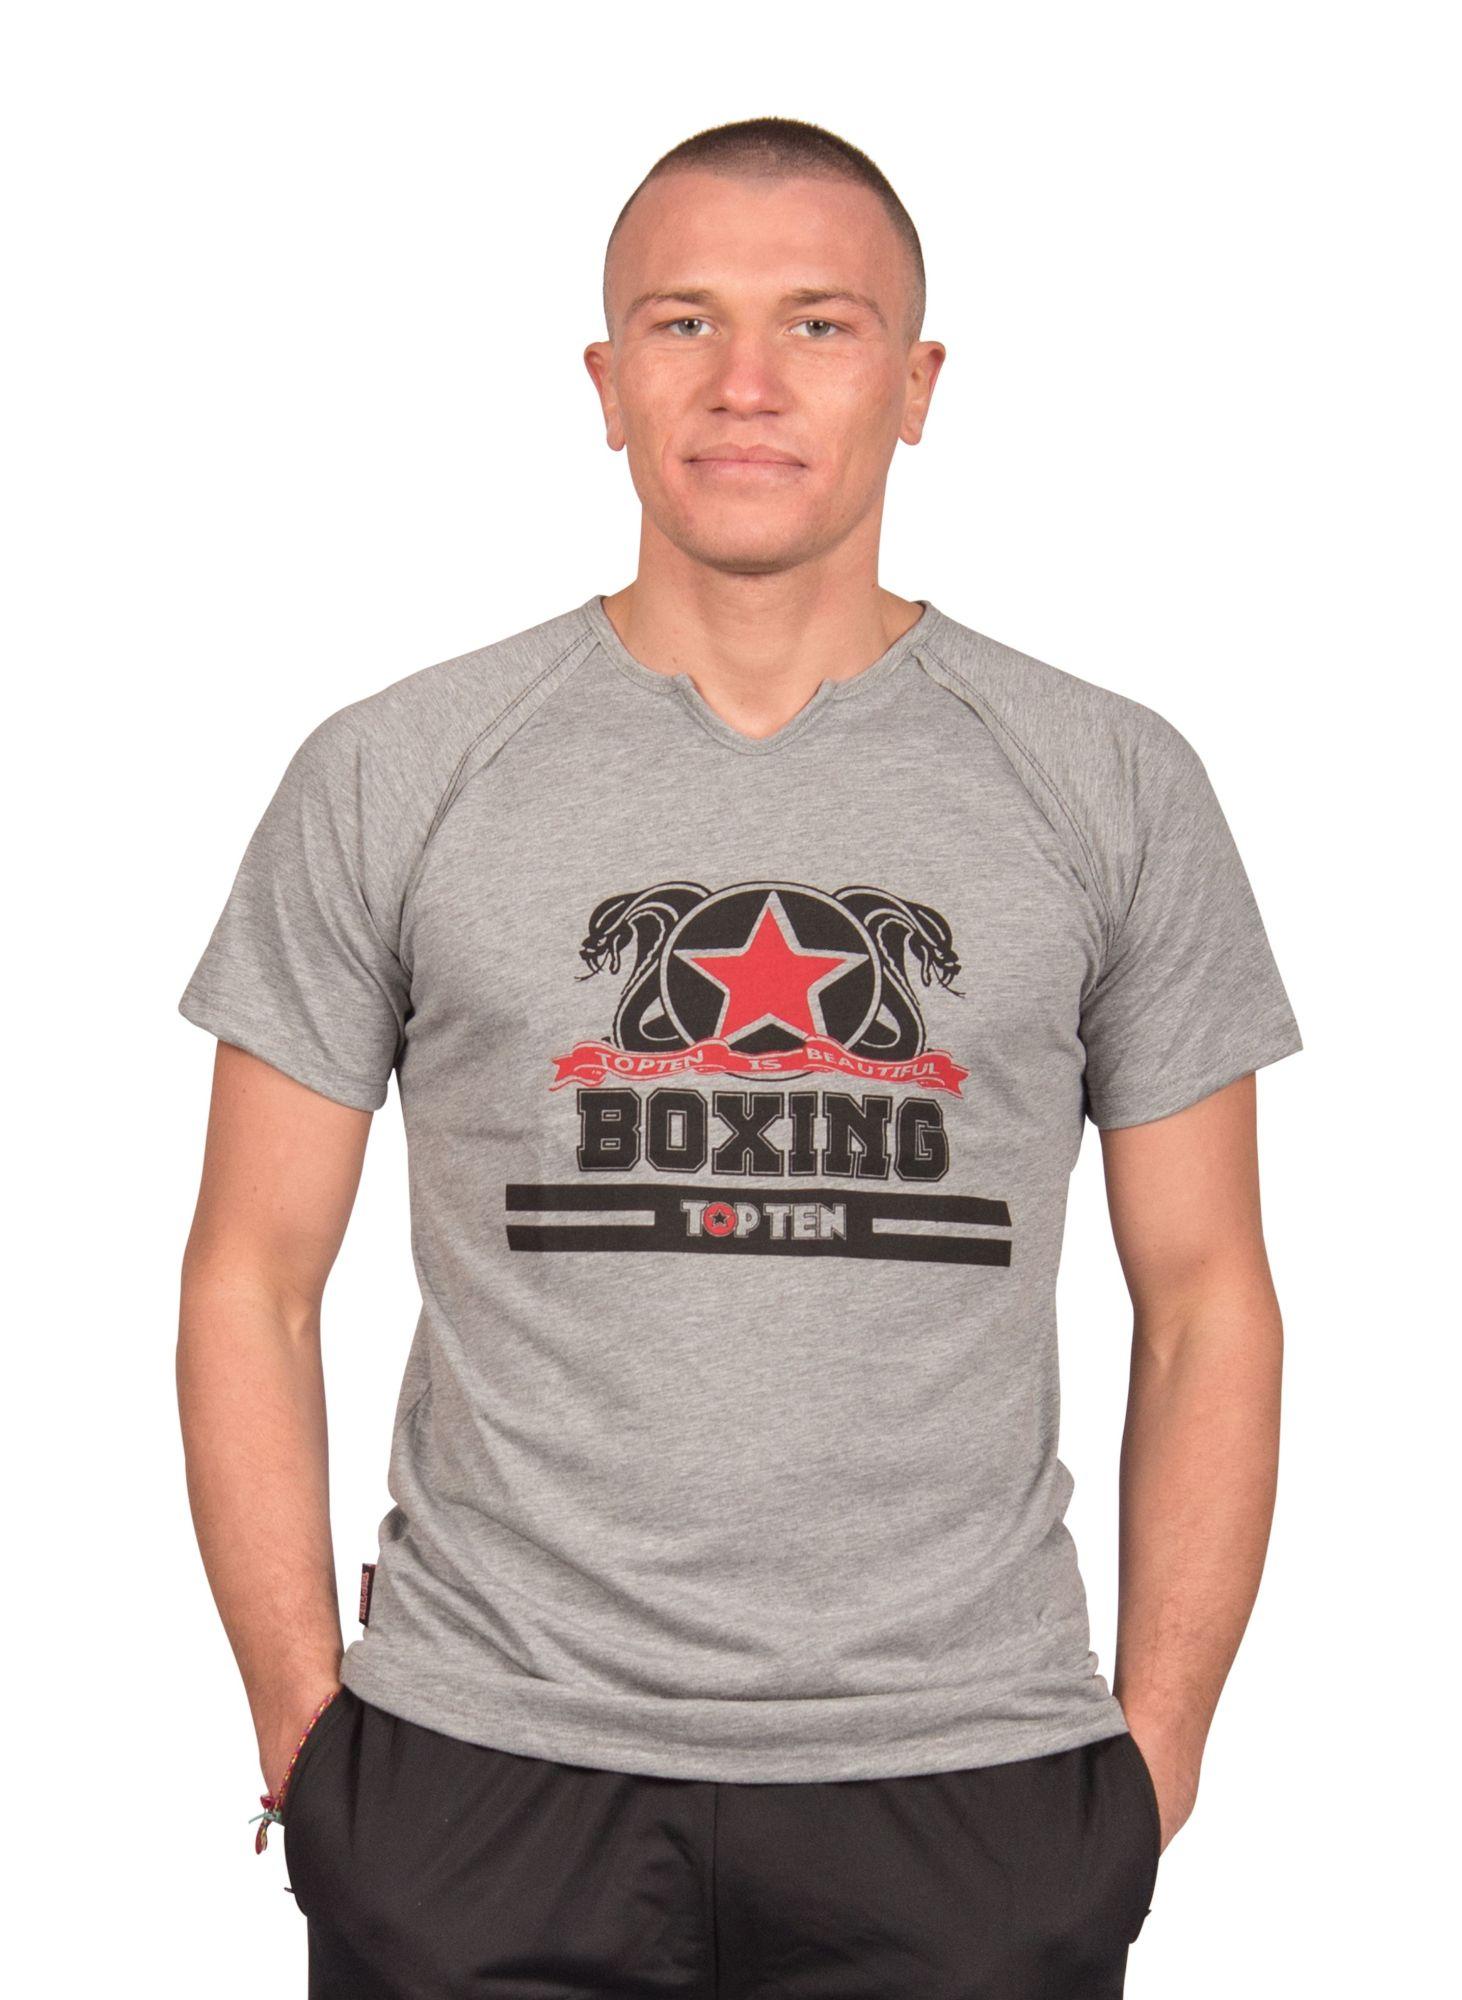 """TOP TEN T-Shirt """"Boxing"""" Grijs"""